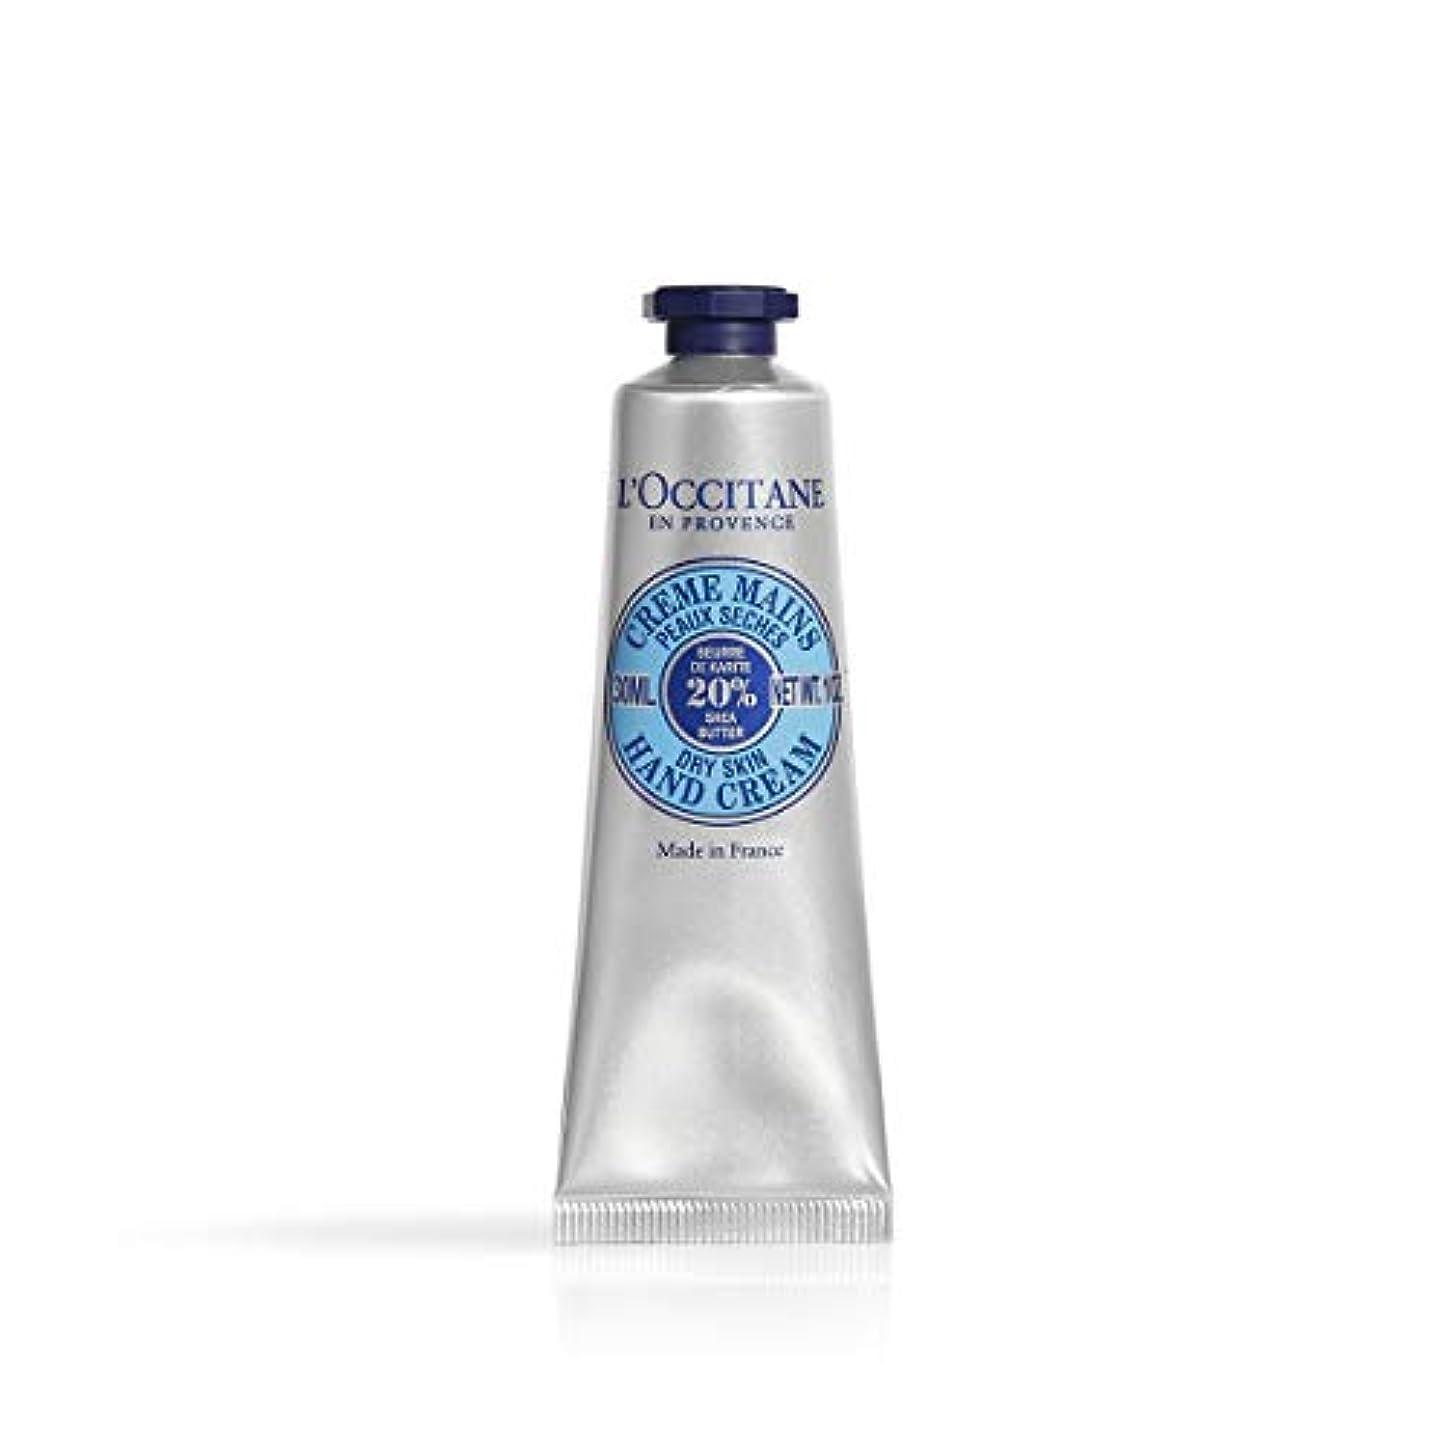 保存ブランド名不変ロクシタン(L'OCCITANE) シア ハンドクリーム 30ml